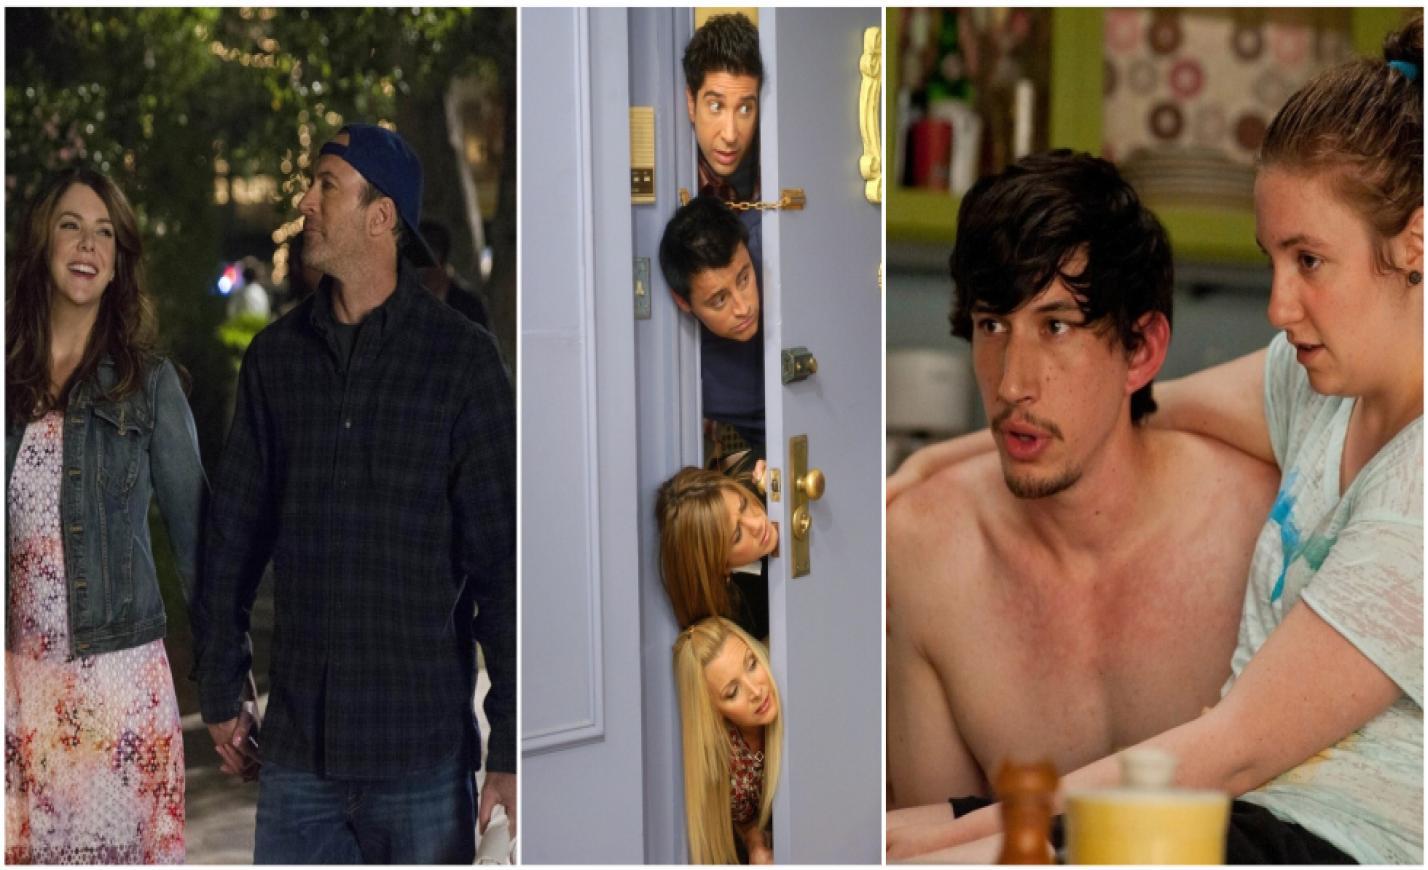 7 karakter, aki csak a színészek miatt vált fontossá egy sorozatban